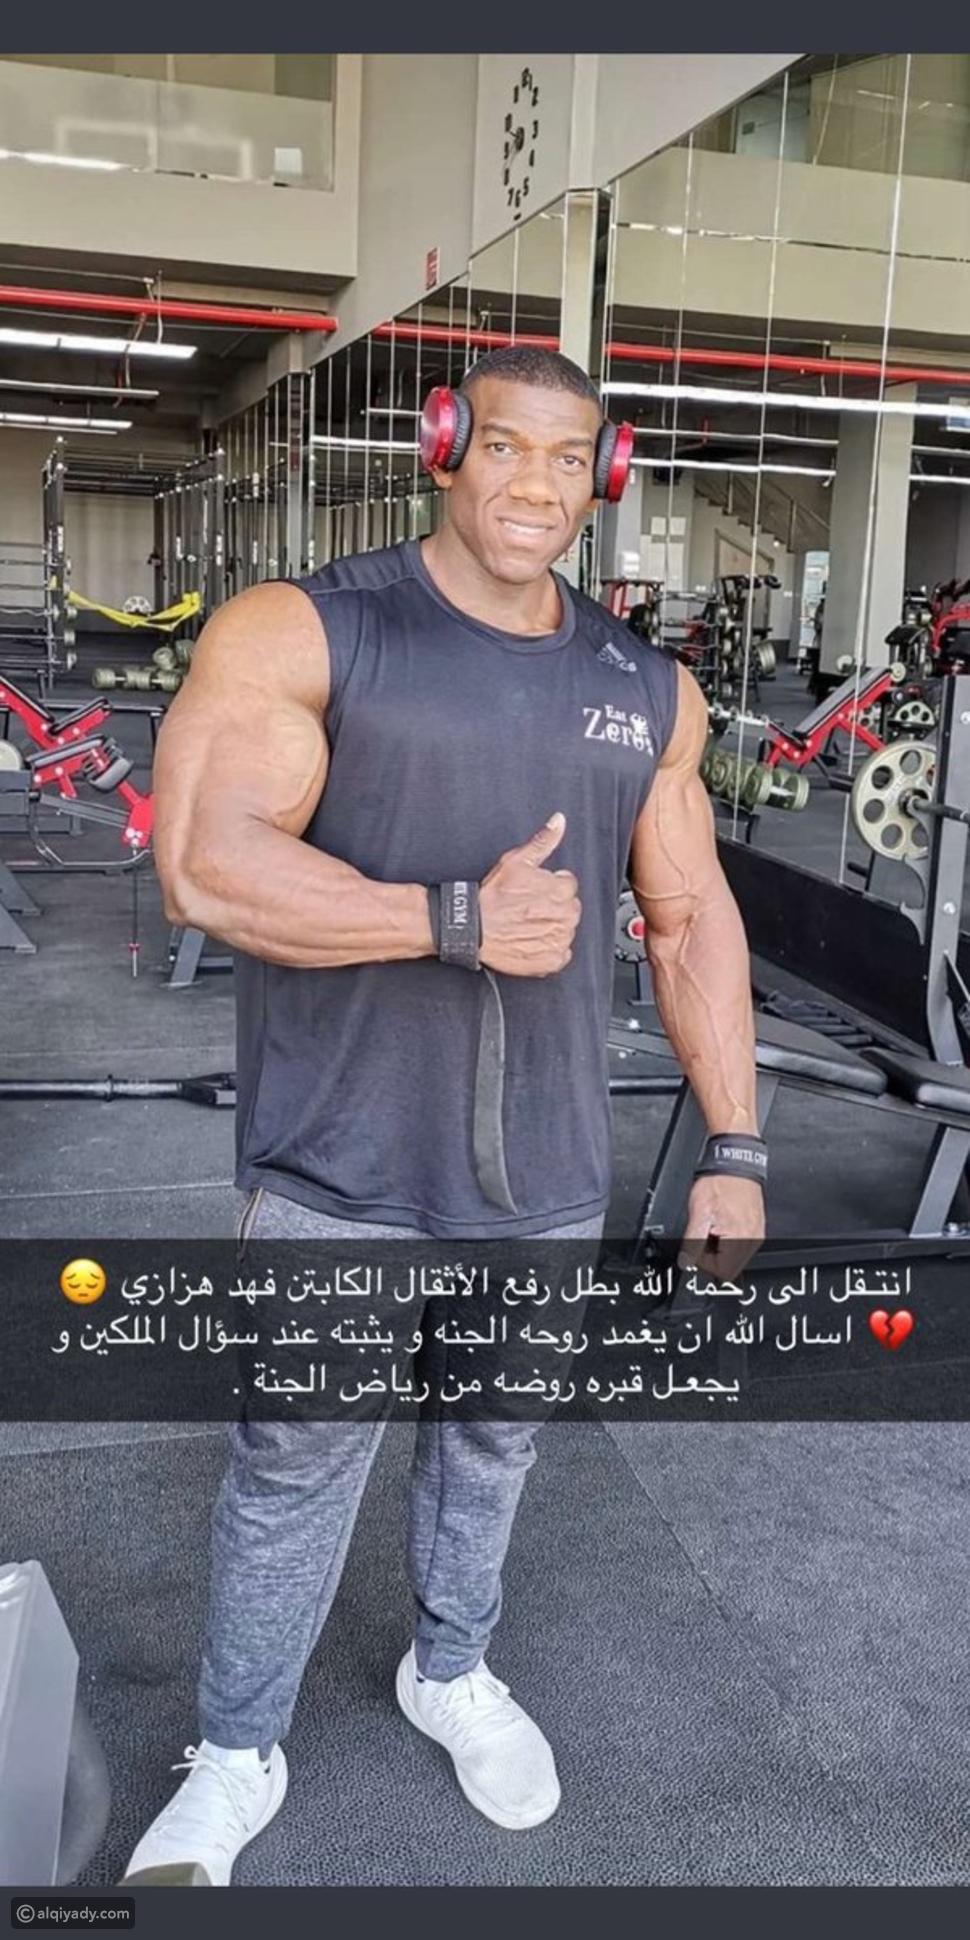 فهد هزازي: وفاة بطل كمال الأجسام بشكل مفاجئ